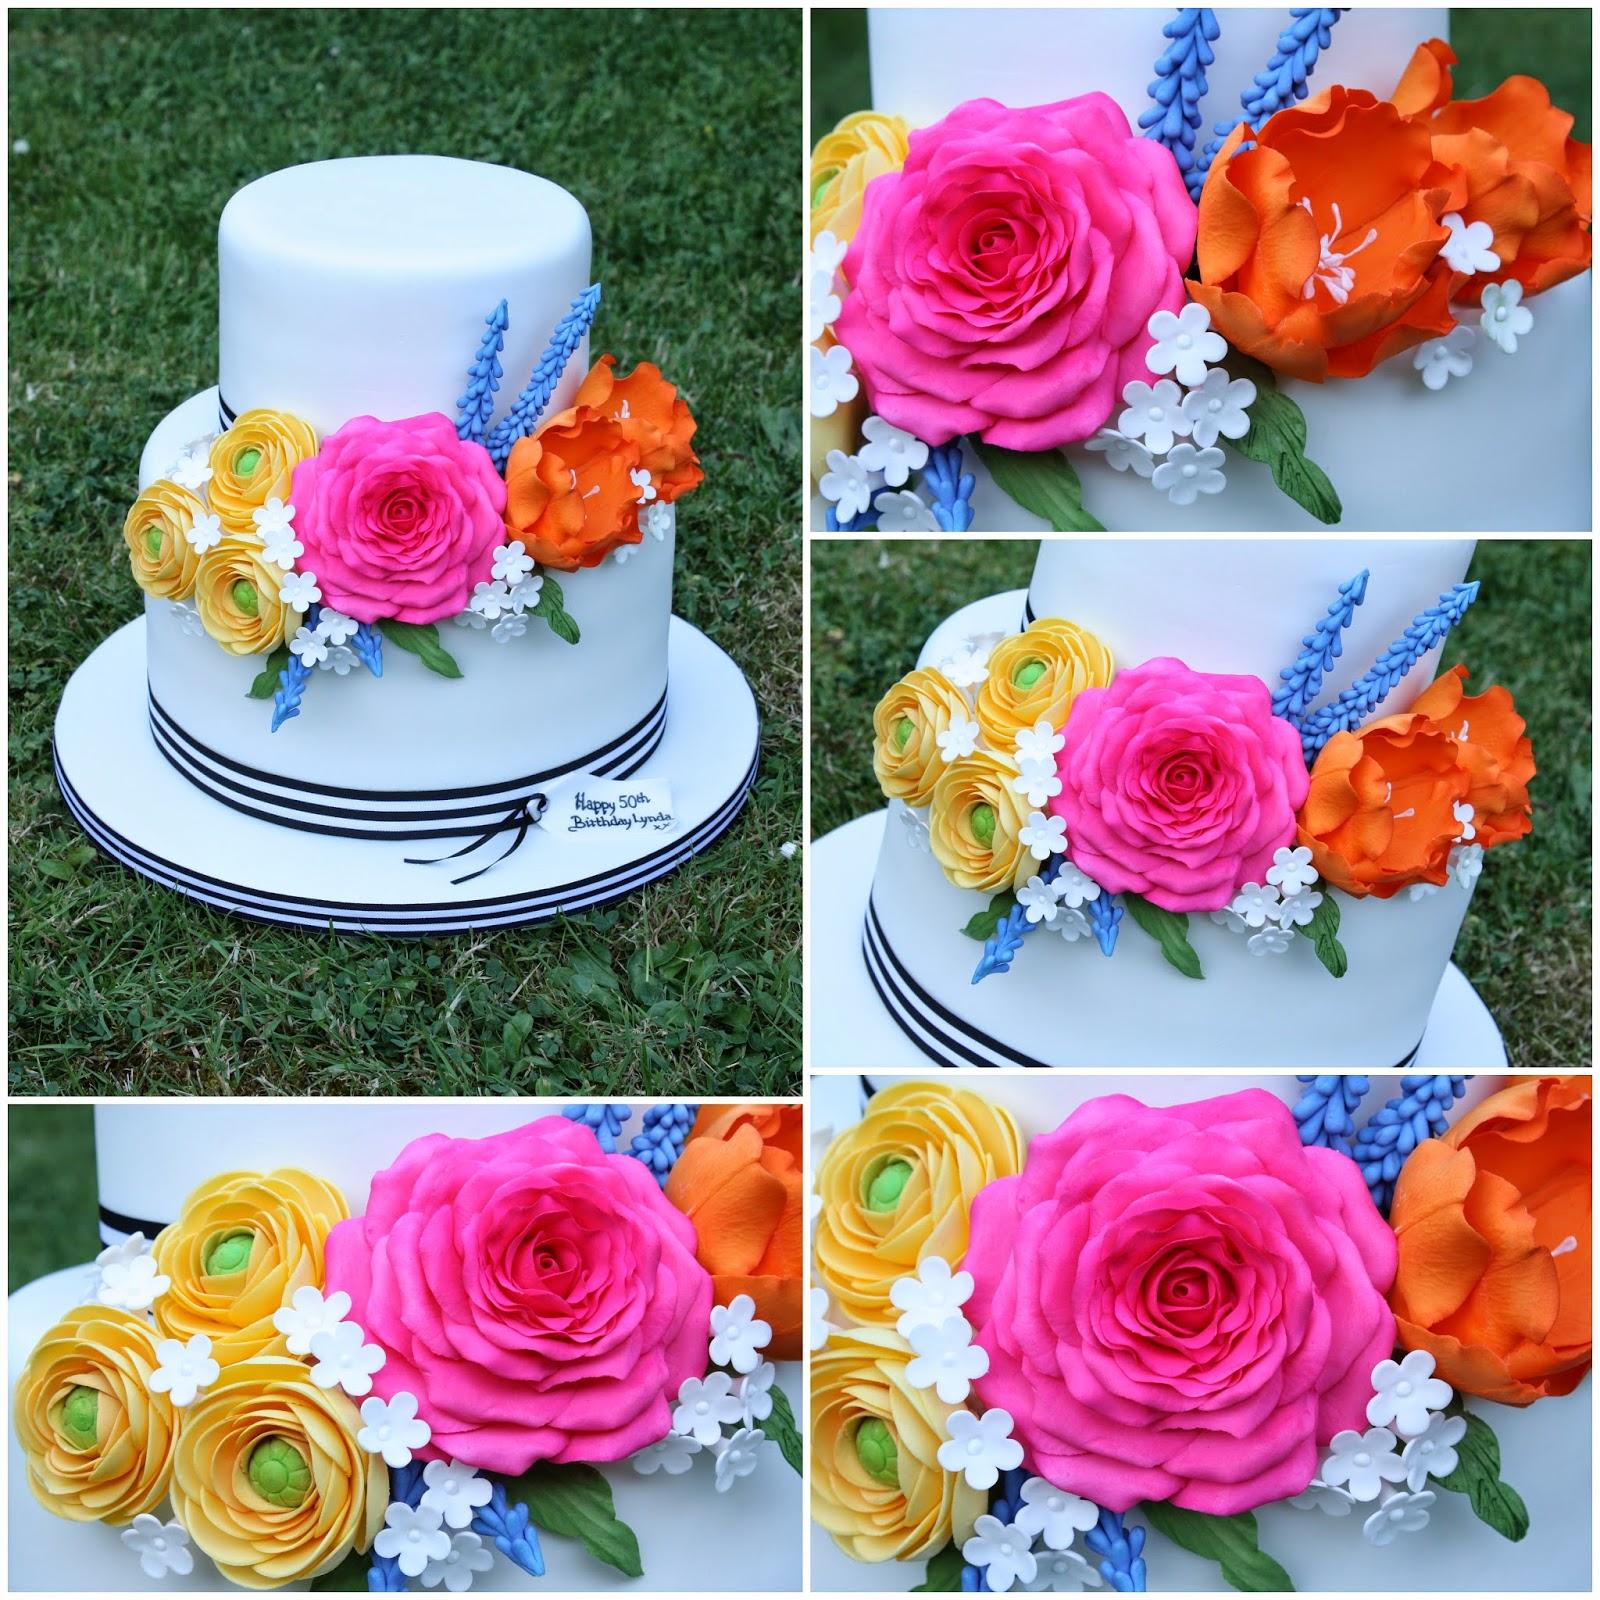 Tiers Tiaras Kate Spade inspired Birthday Cake